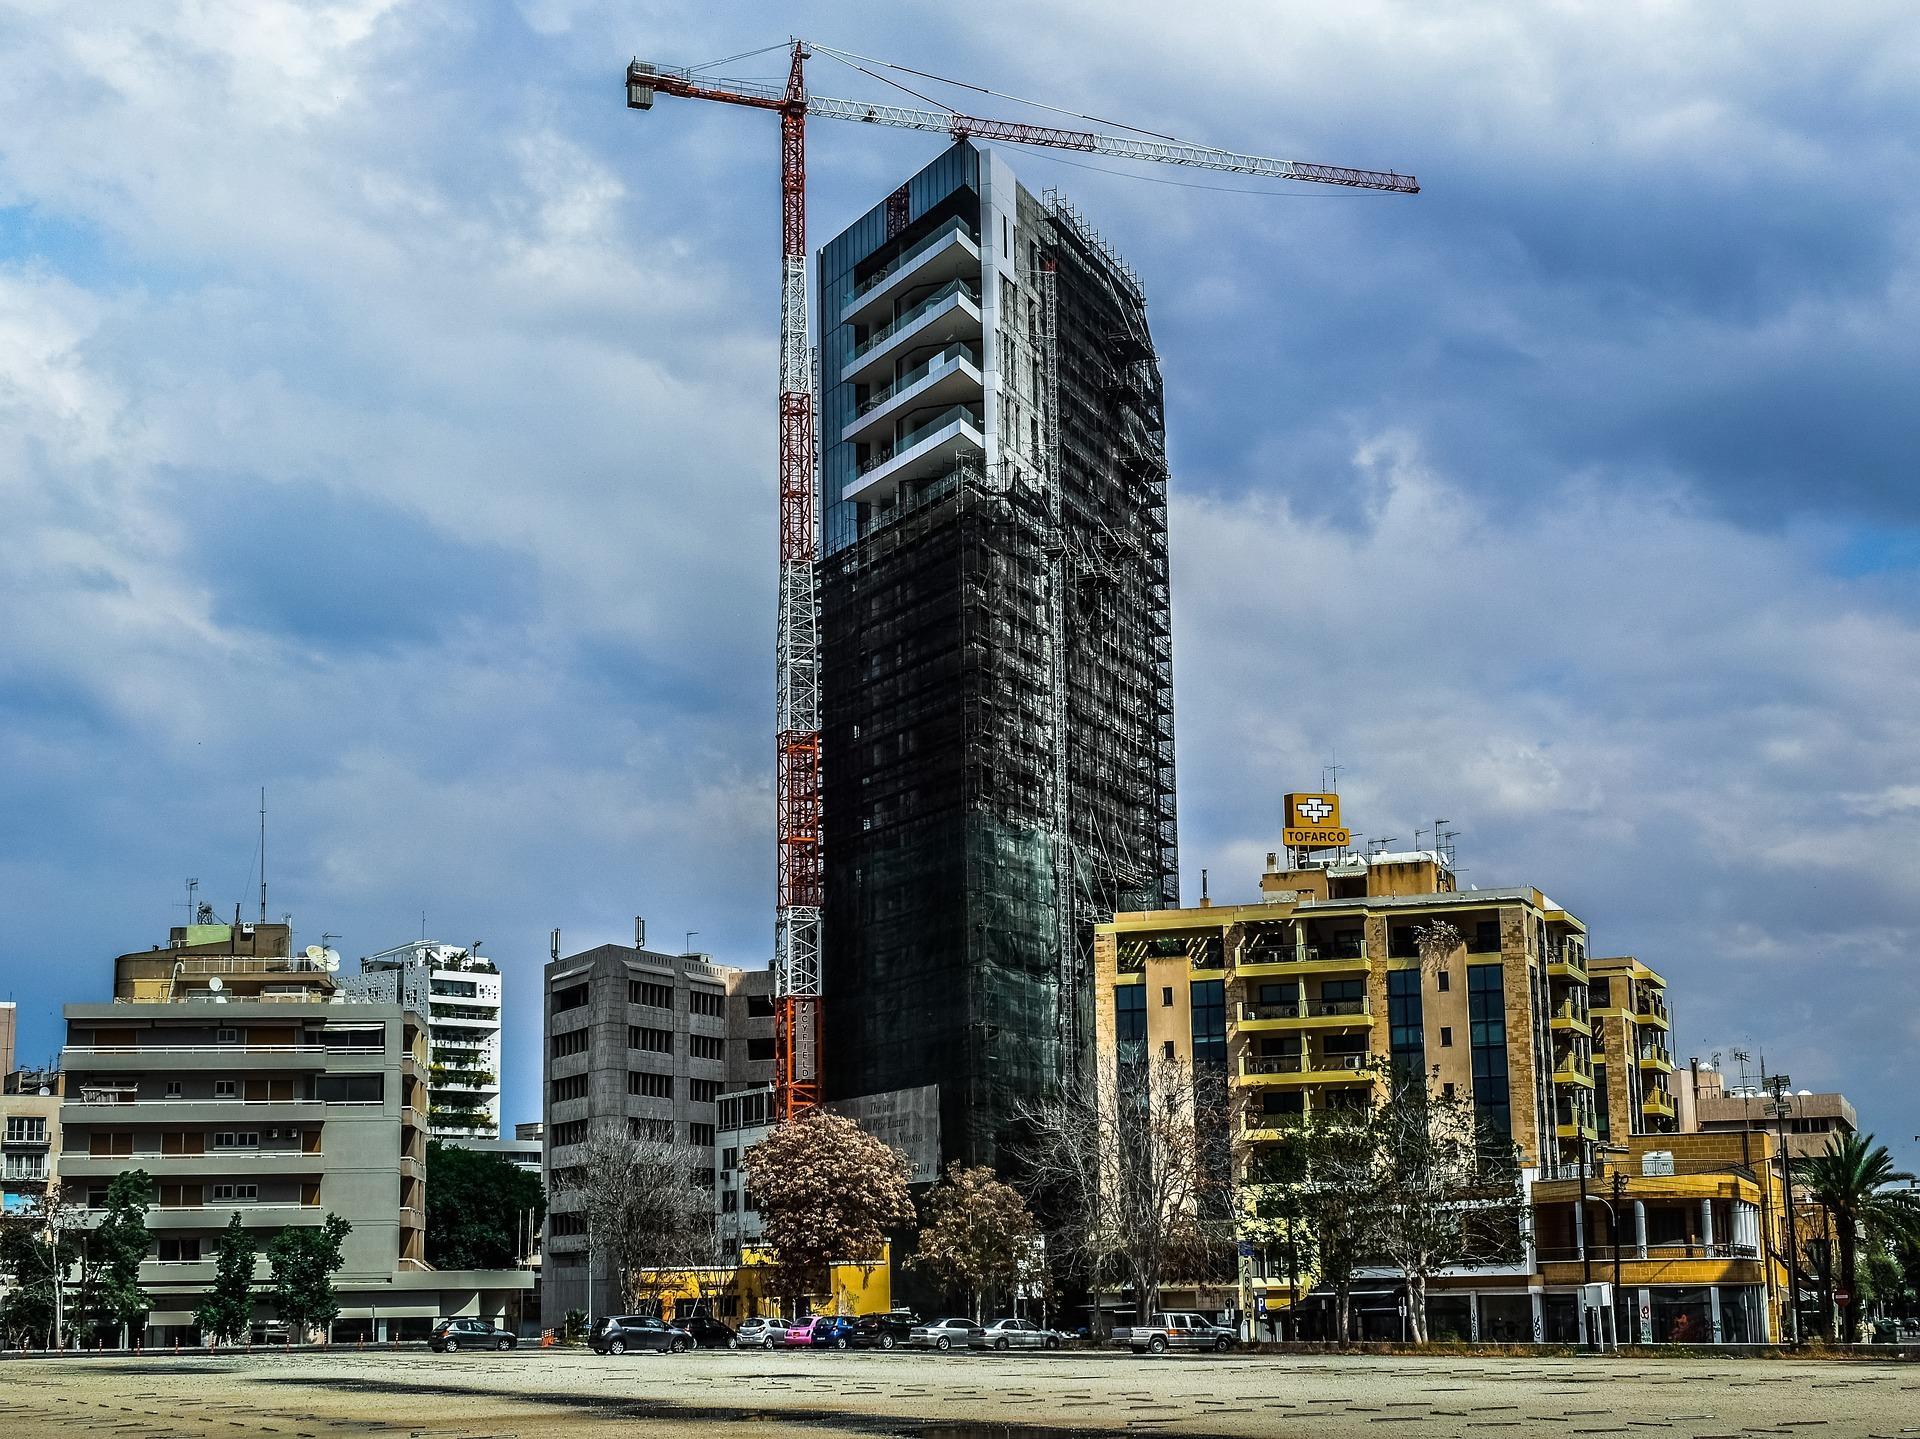 Динамика цен на дома и квартиры по городам Кипра